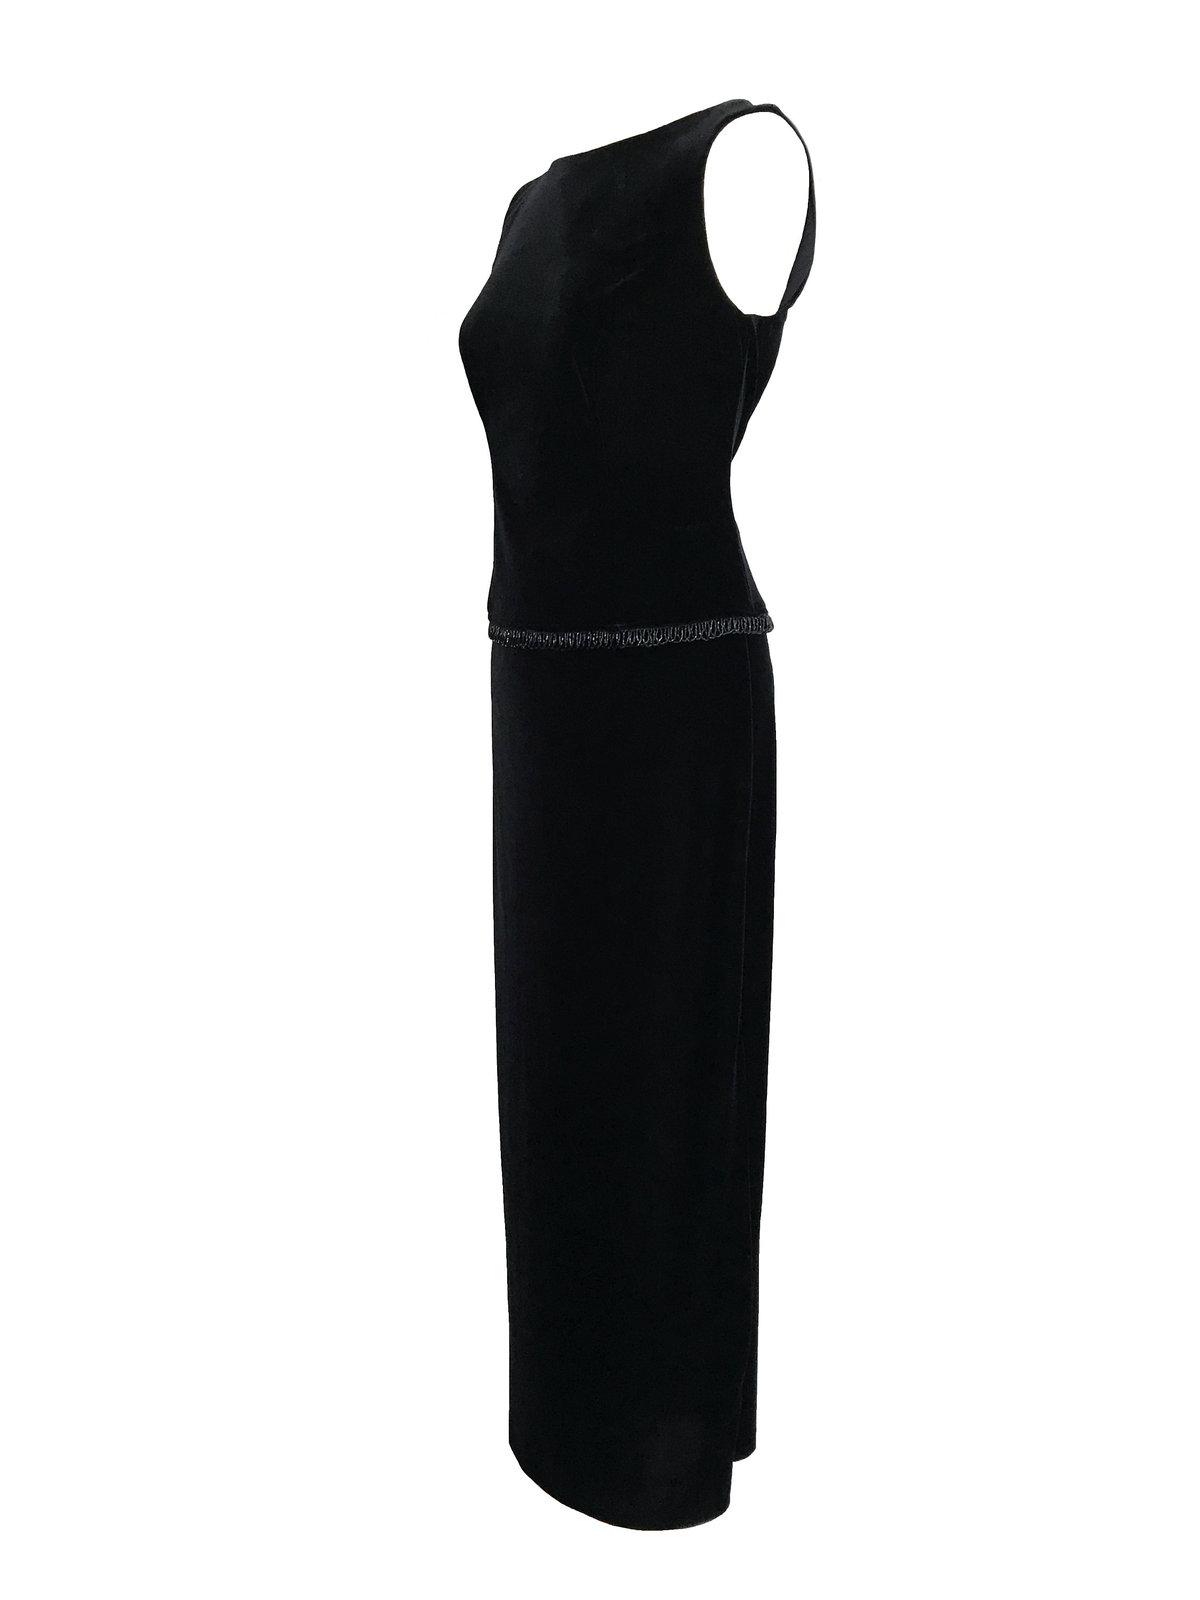 80s Black Velvet Stretch Beaded Boat Neck Sleeveless Evening Formal Maxi LBD Dre image 6